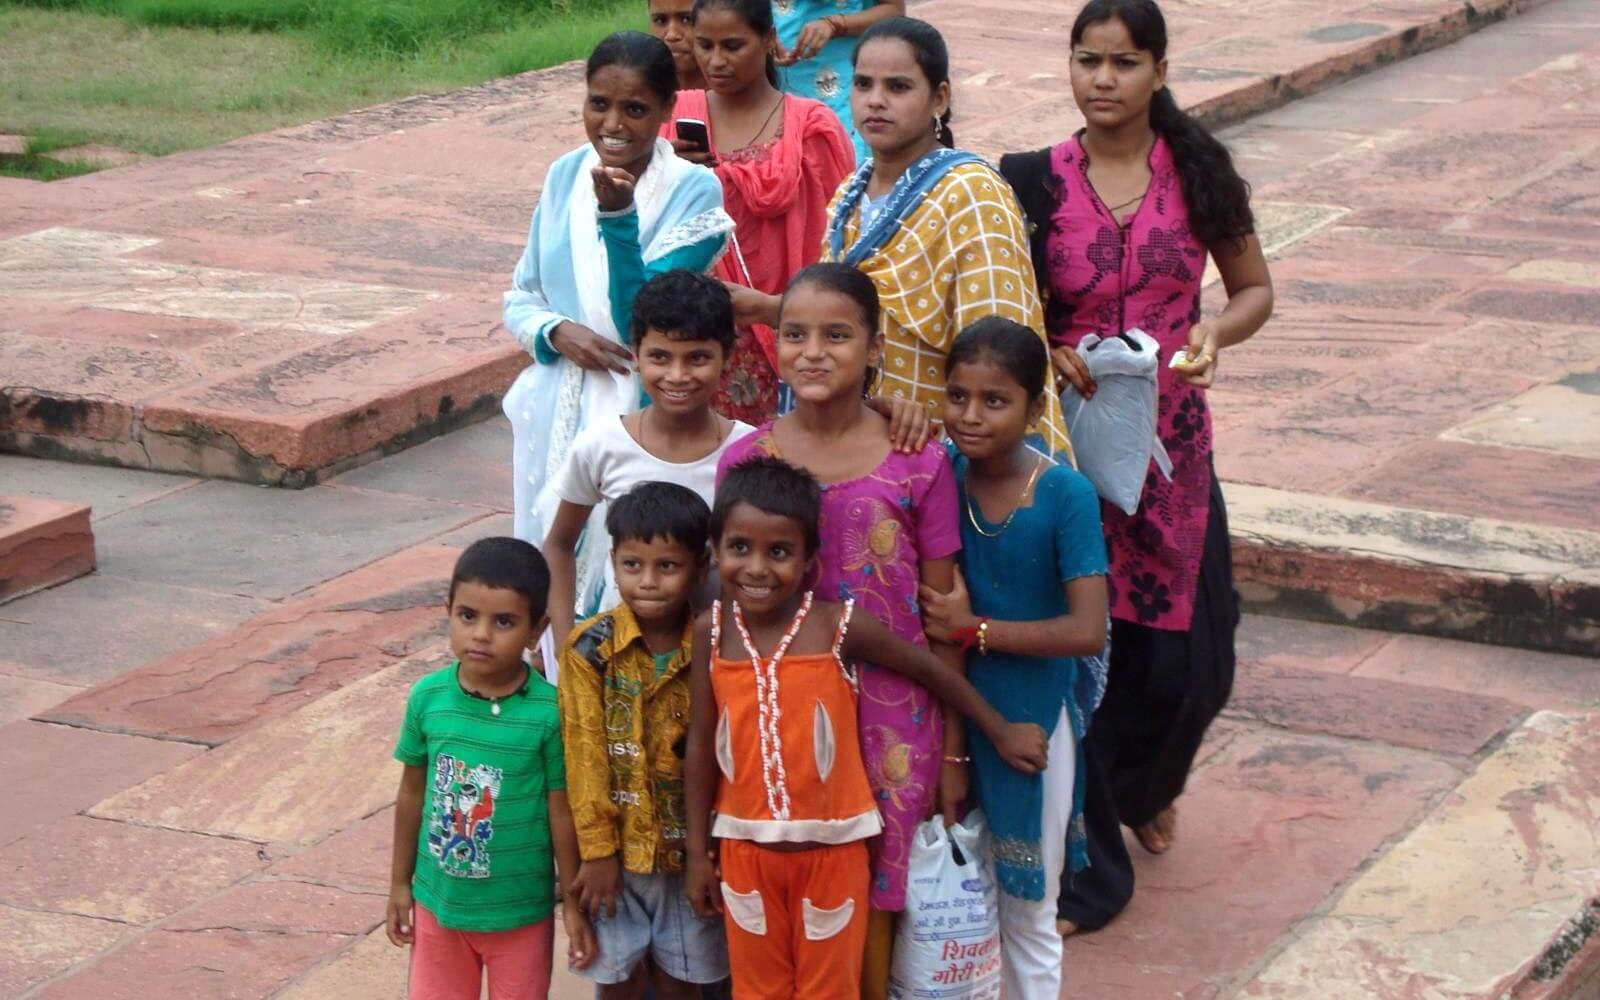 Indische Frauen und Kinder posieren für ein Gruppenbild